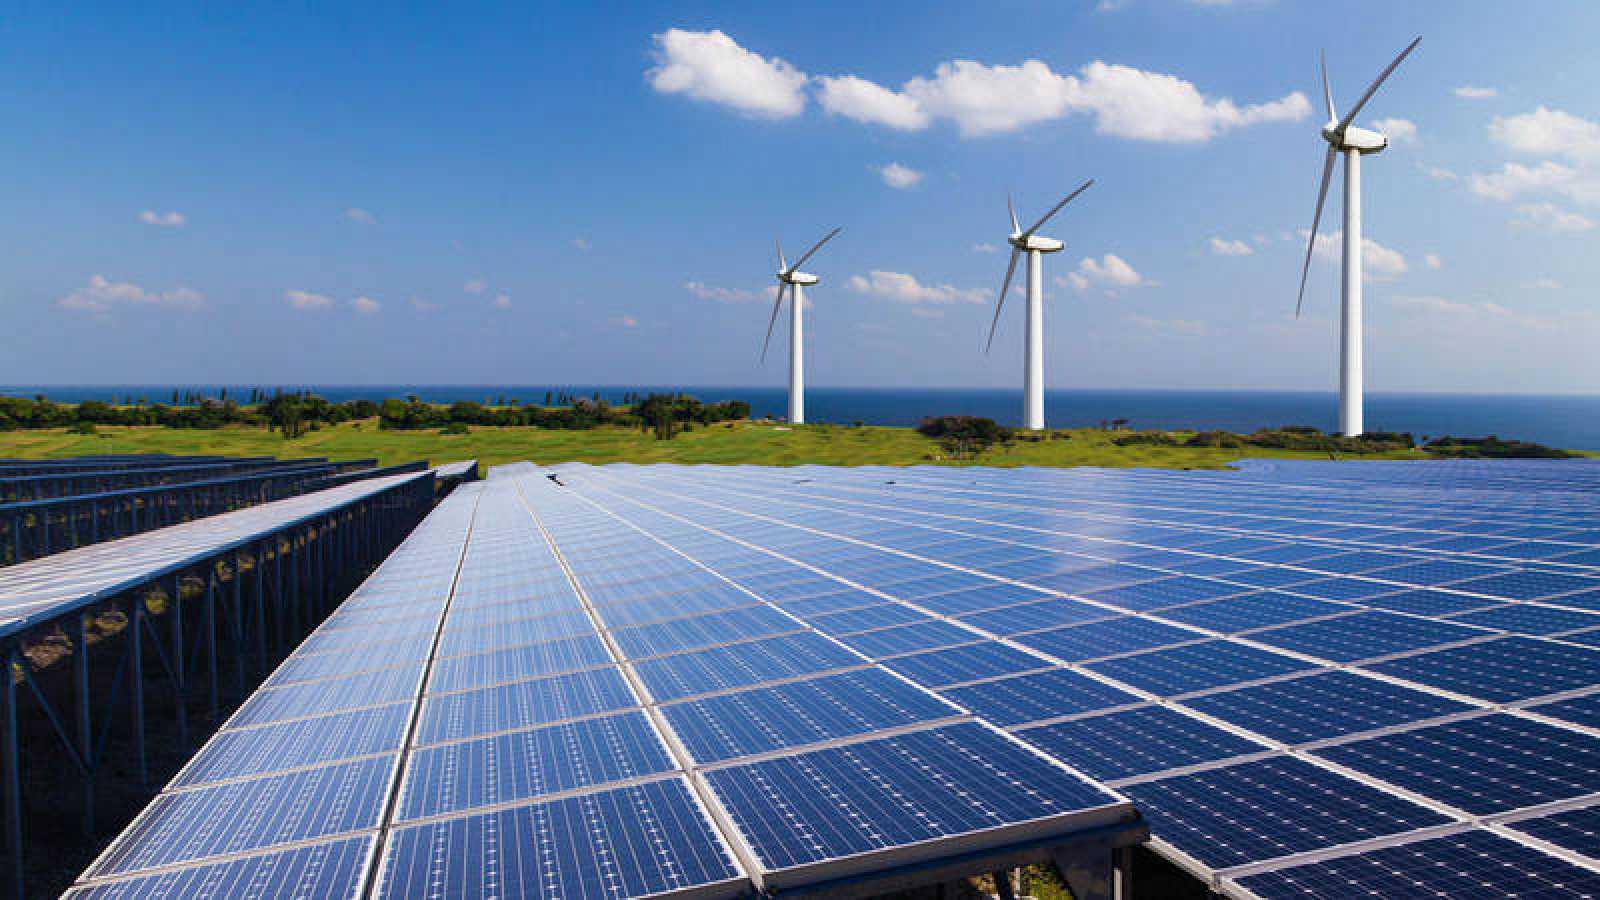 La inversión global en renovables en 2018 triplicó a la que se realiza en carbón y gas.